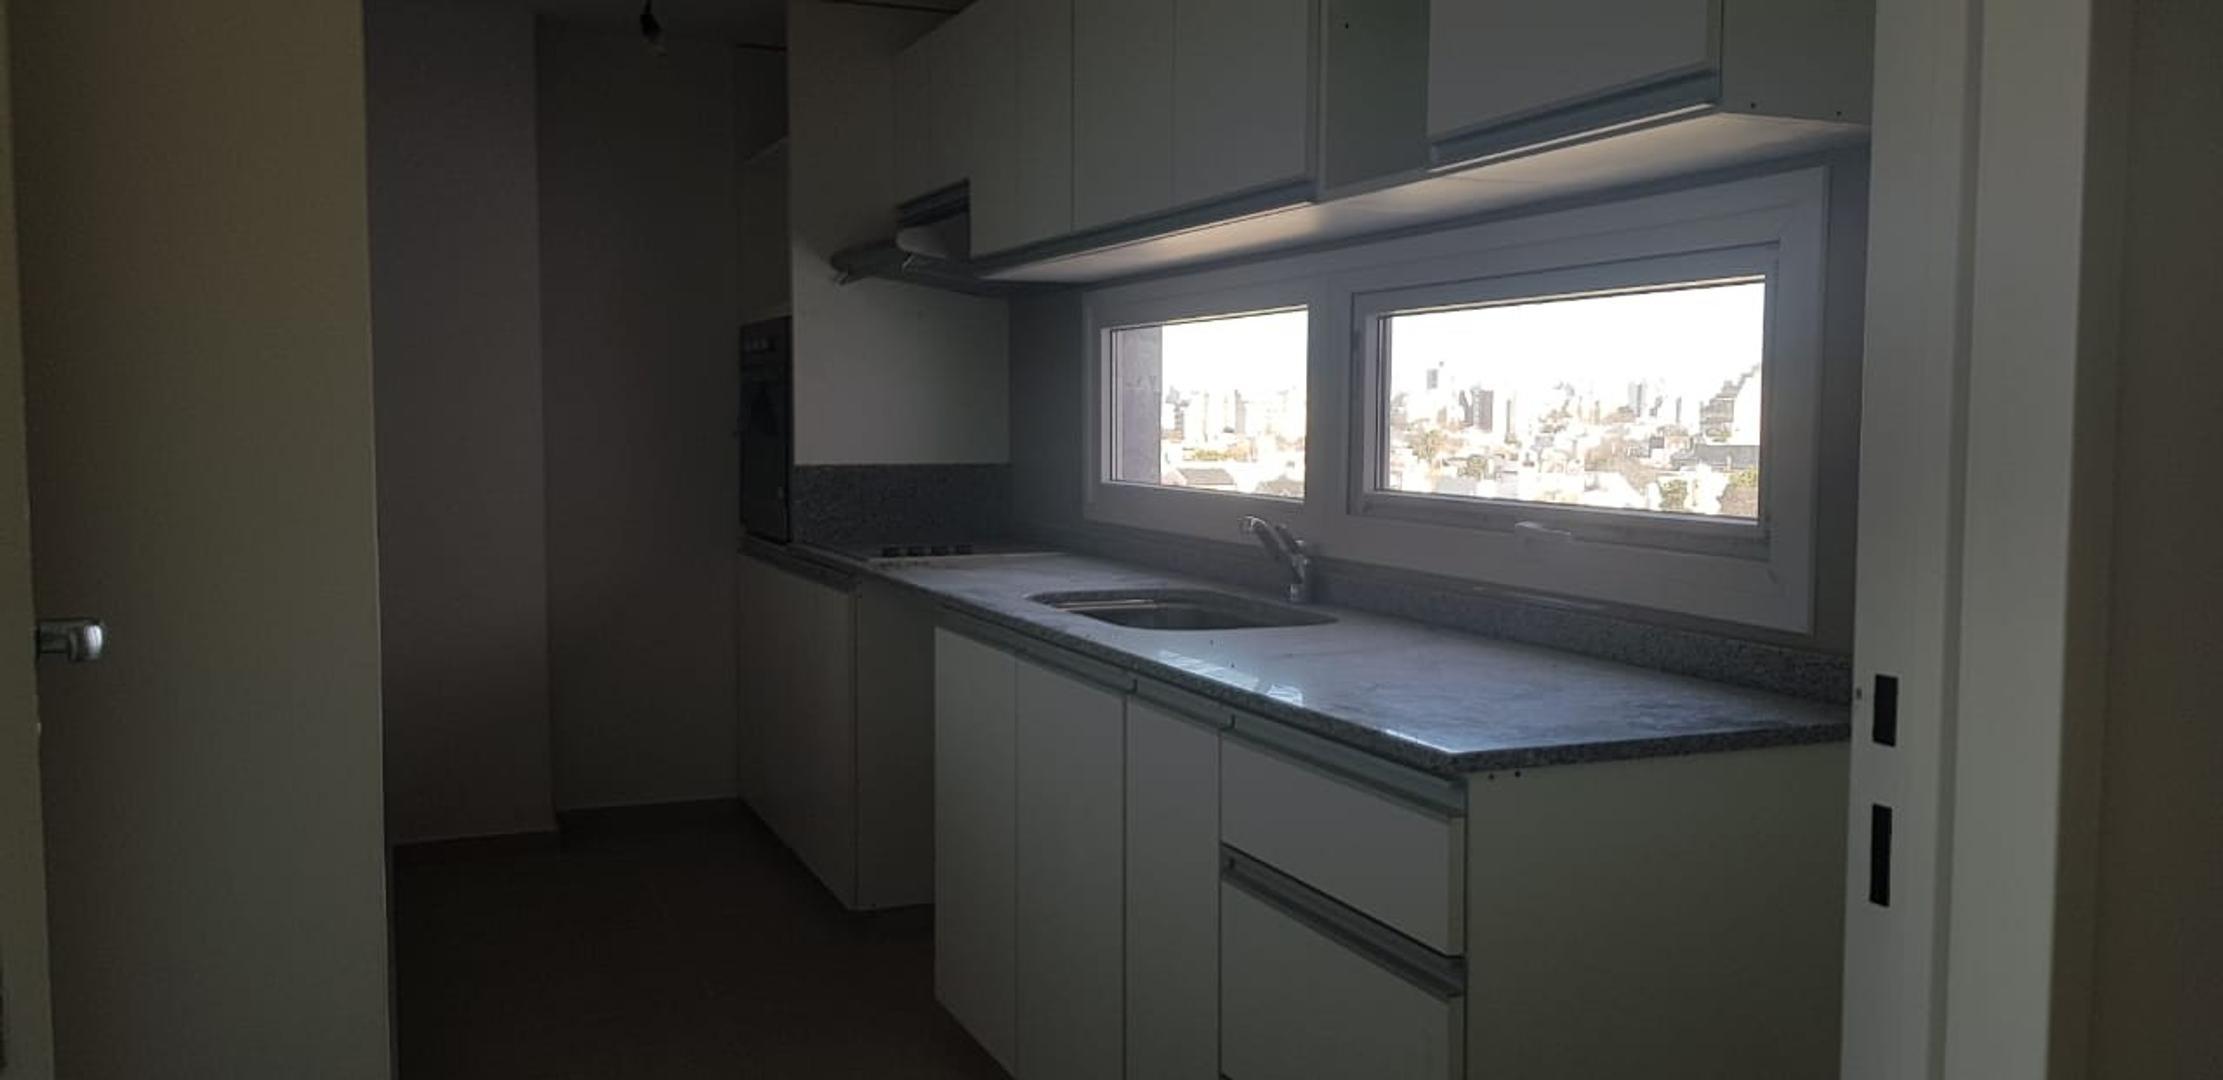 Departamento en Venta - 2 ambientes - USD 124.000